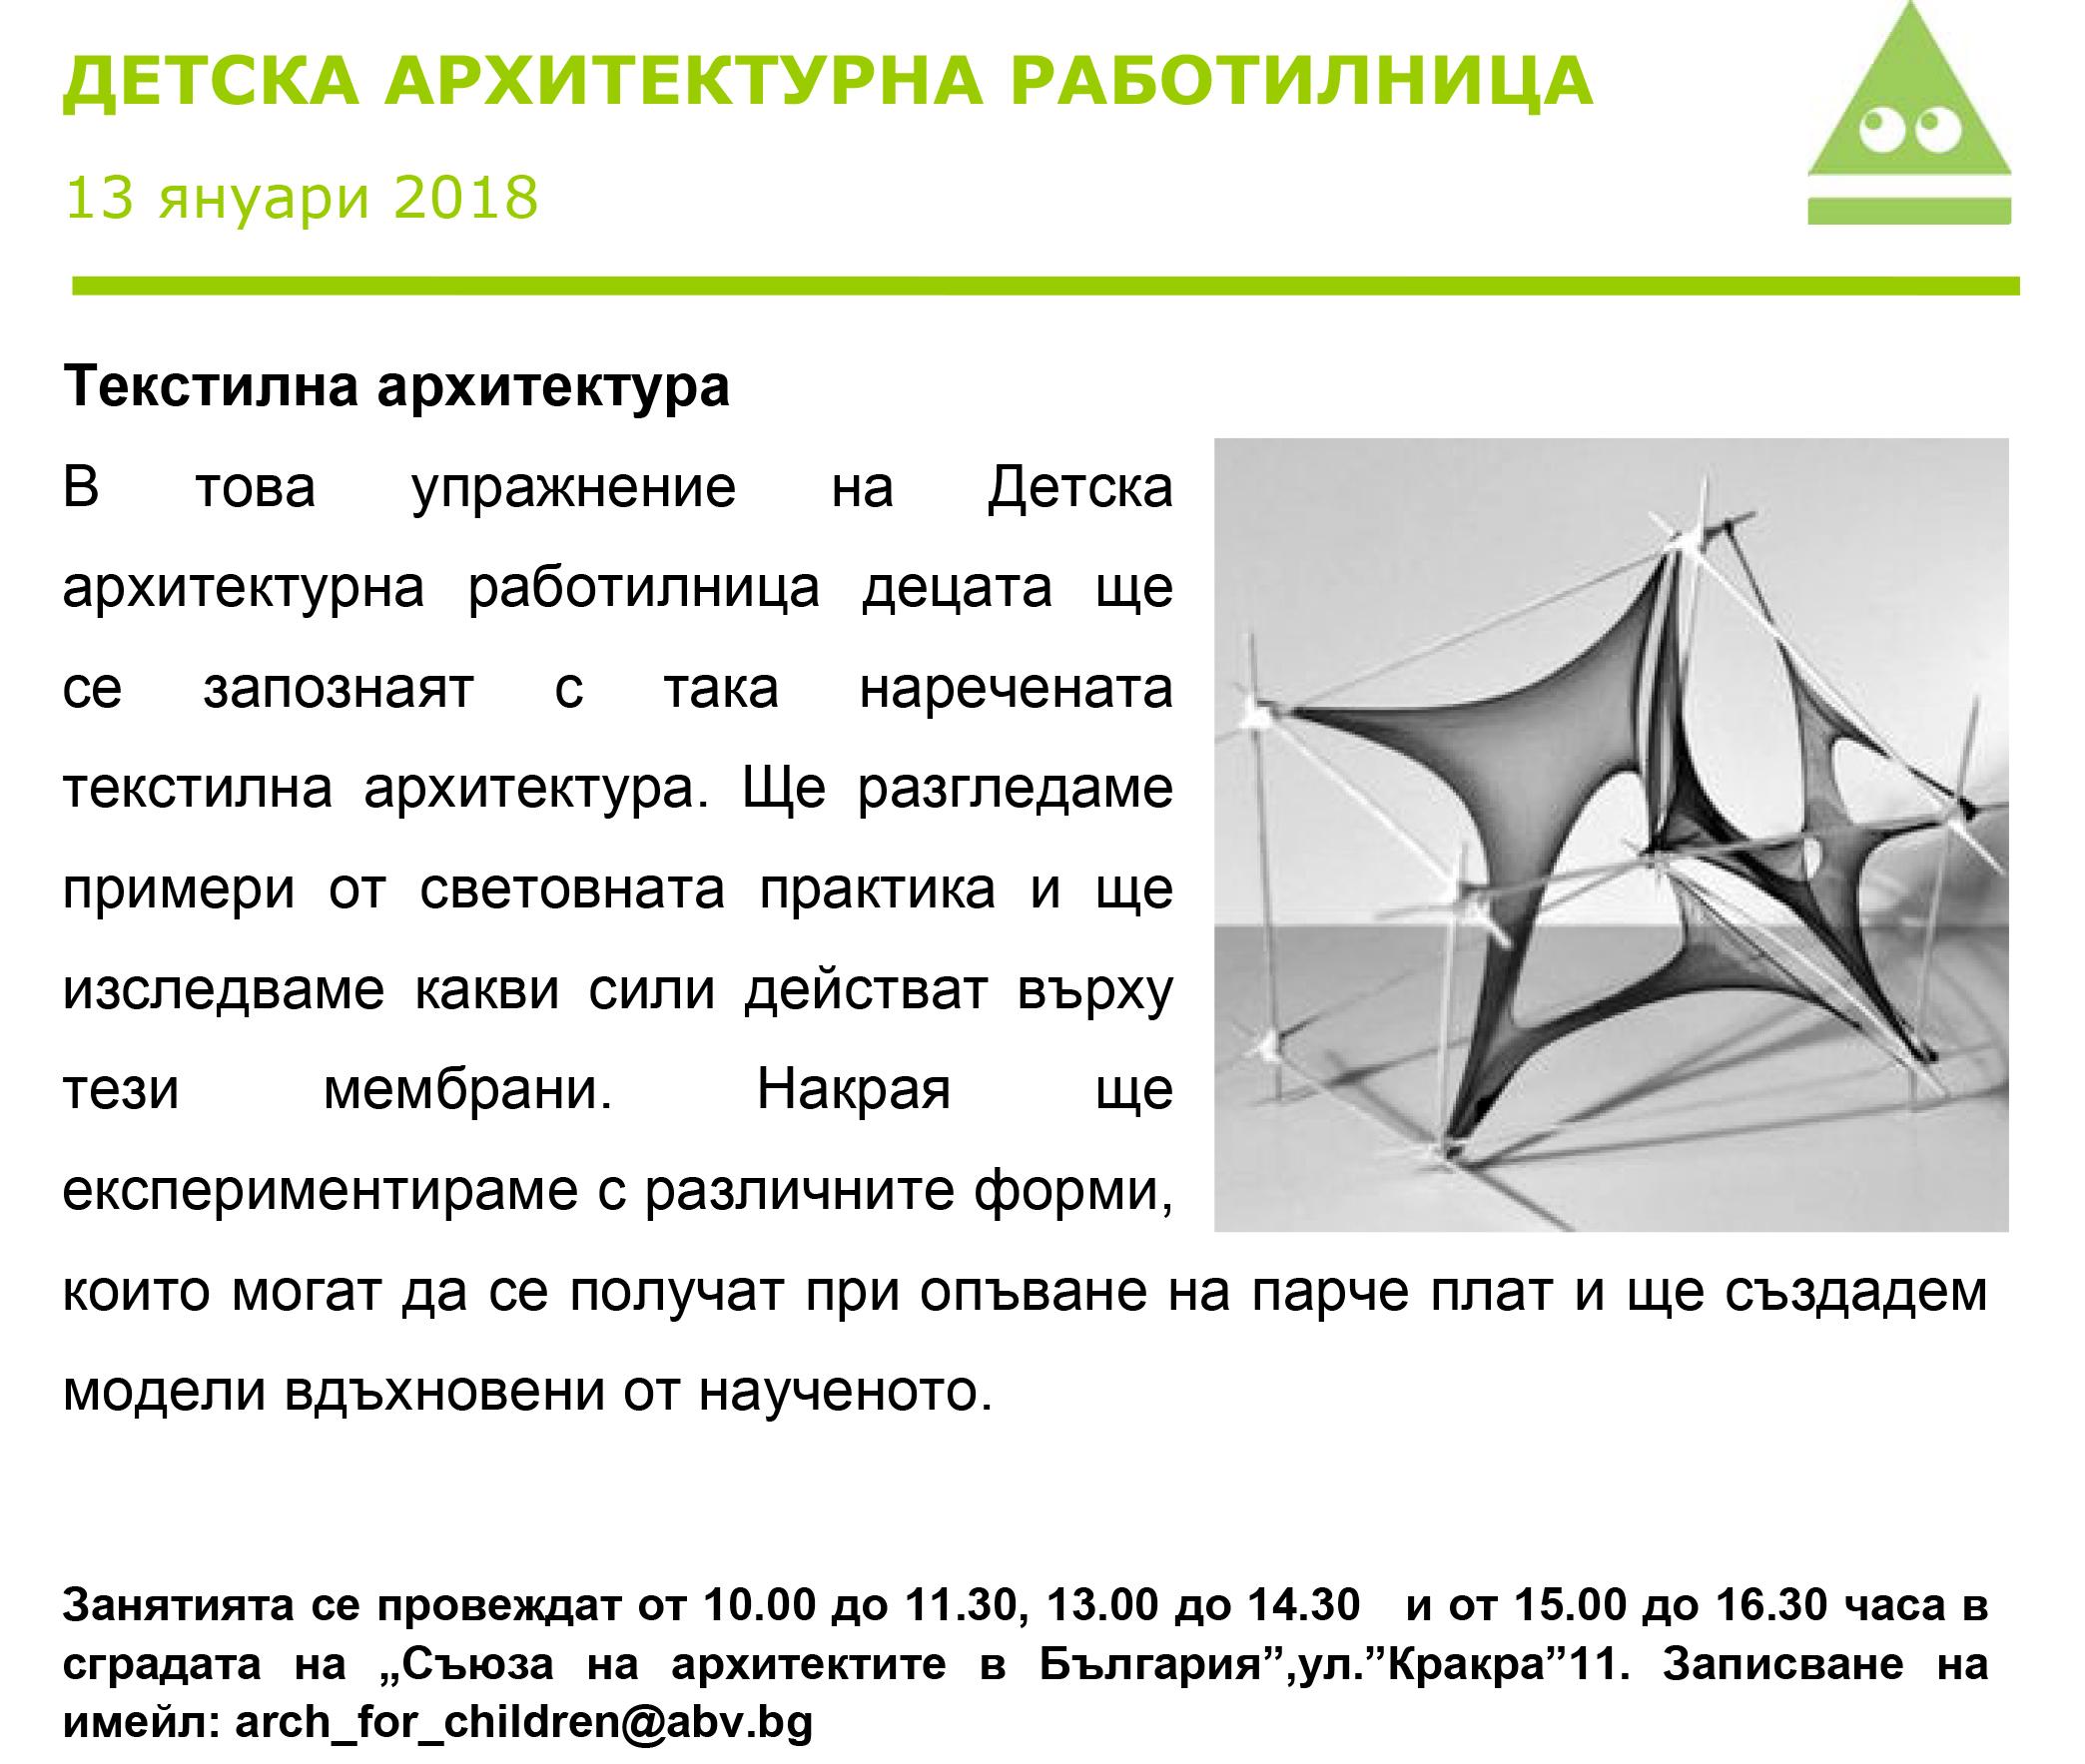 13 януари 2018 - Текстилна архитектура